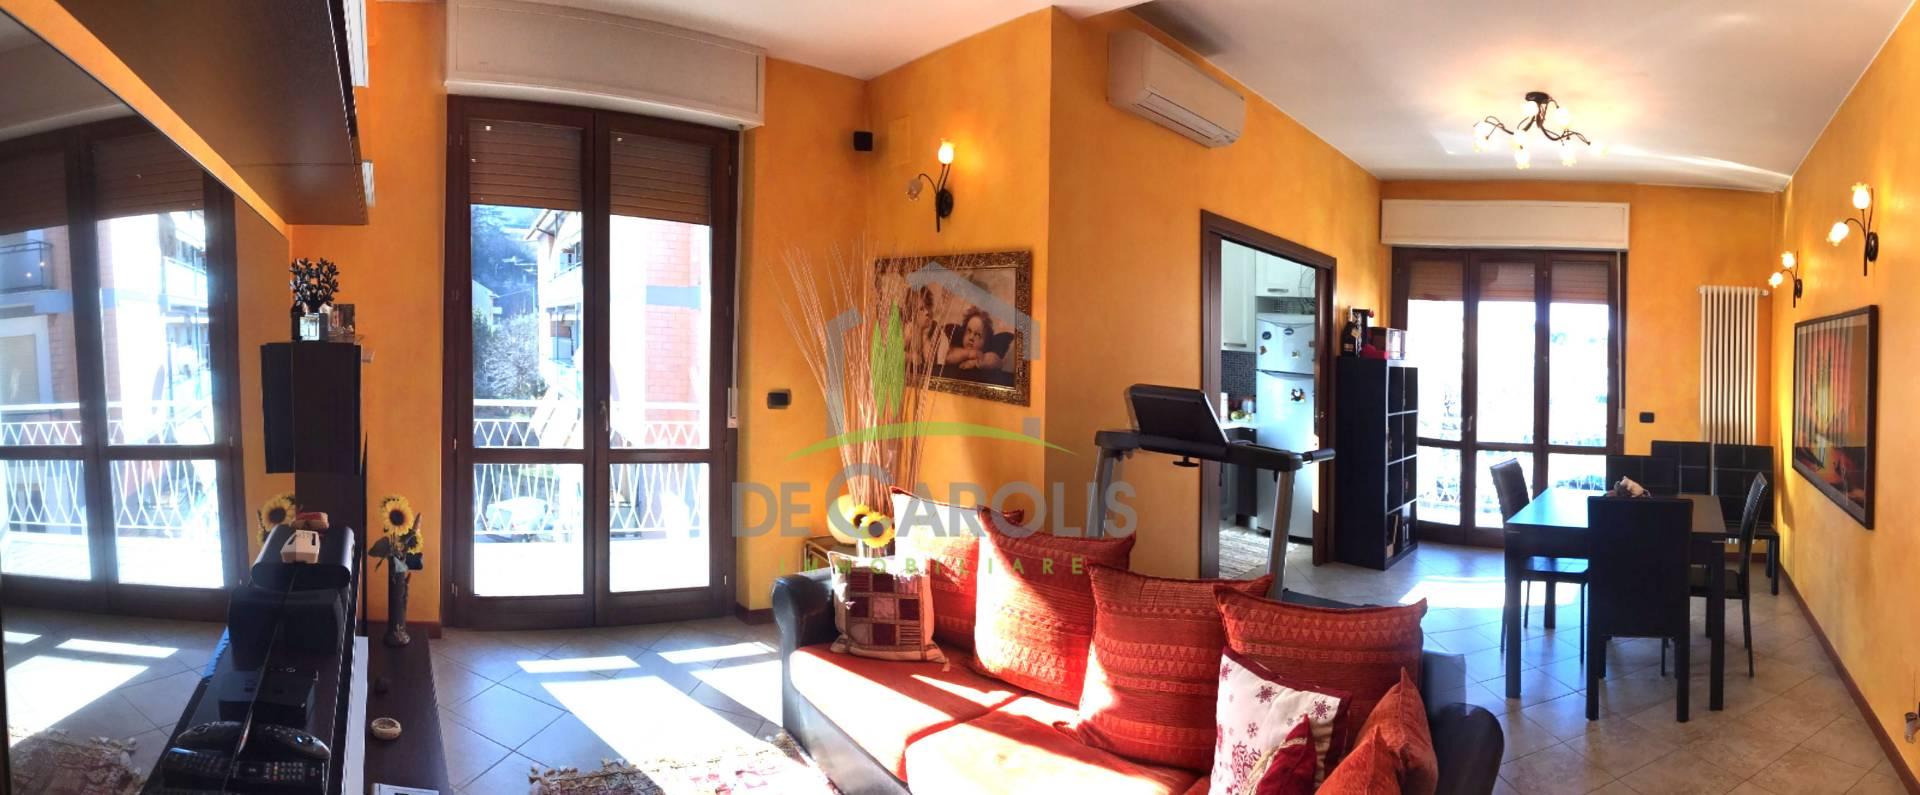 Appartamento in affitto a Ascoli Piceno, 5 locali, zona re, prezzo € 650 | PortaleAgenzieImmobiliari.it